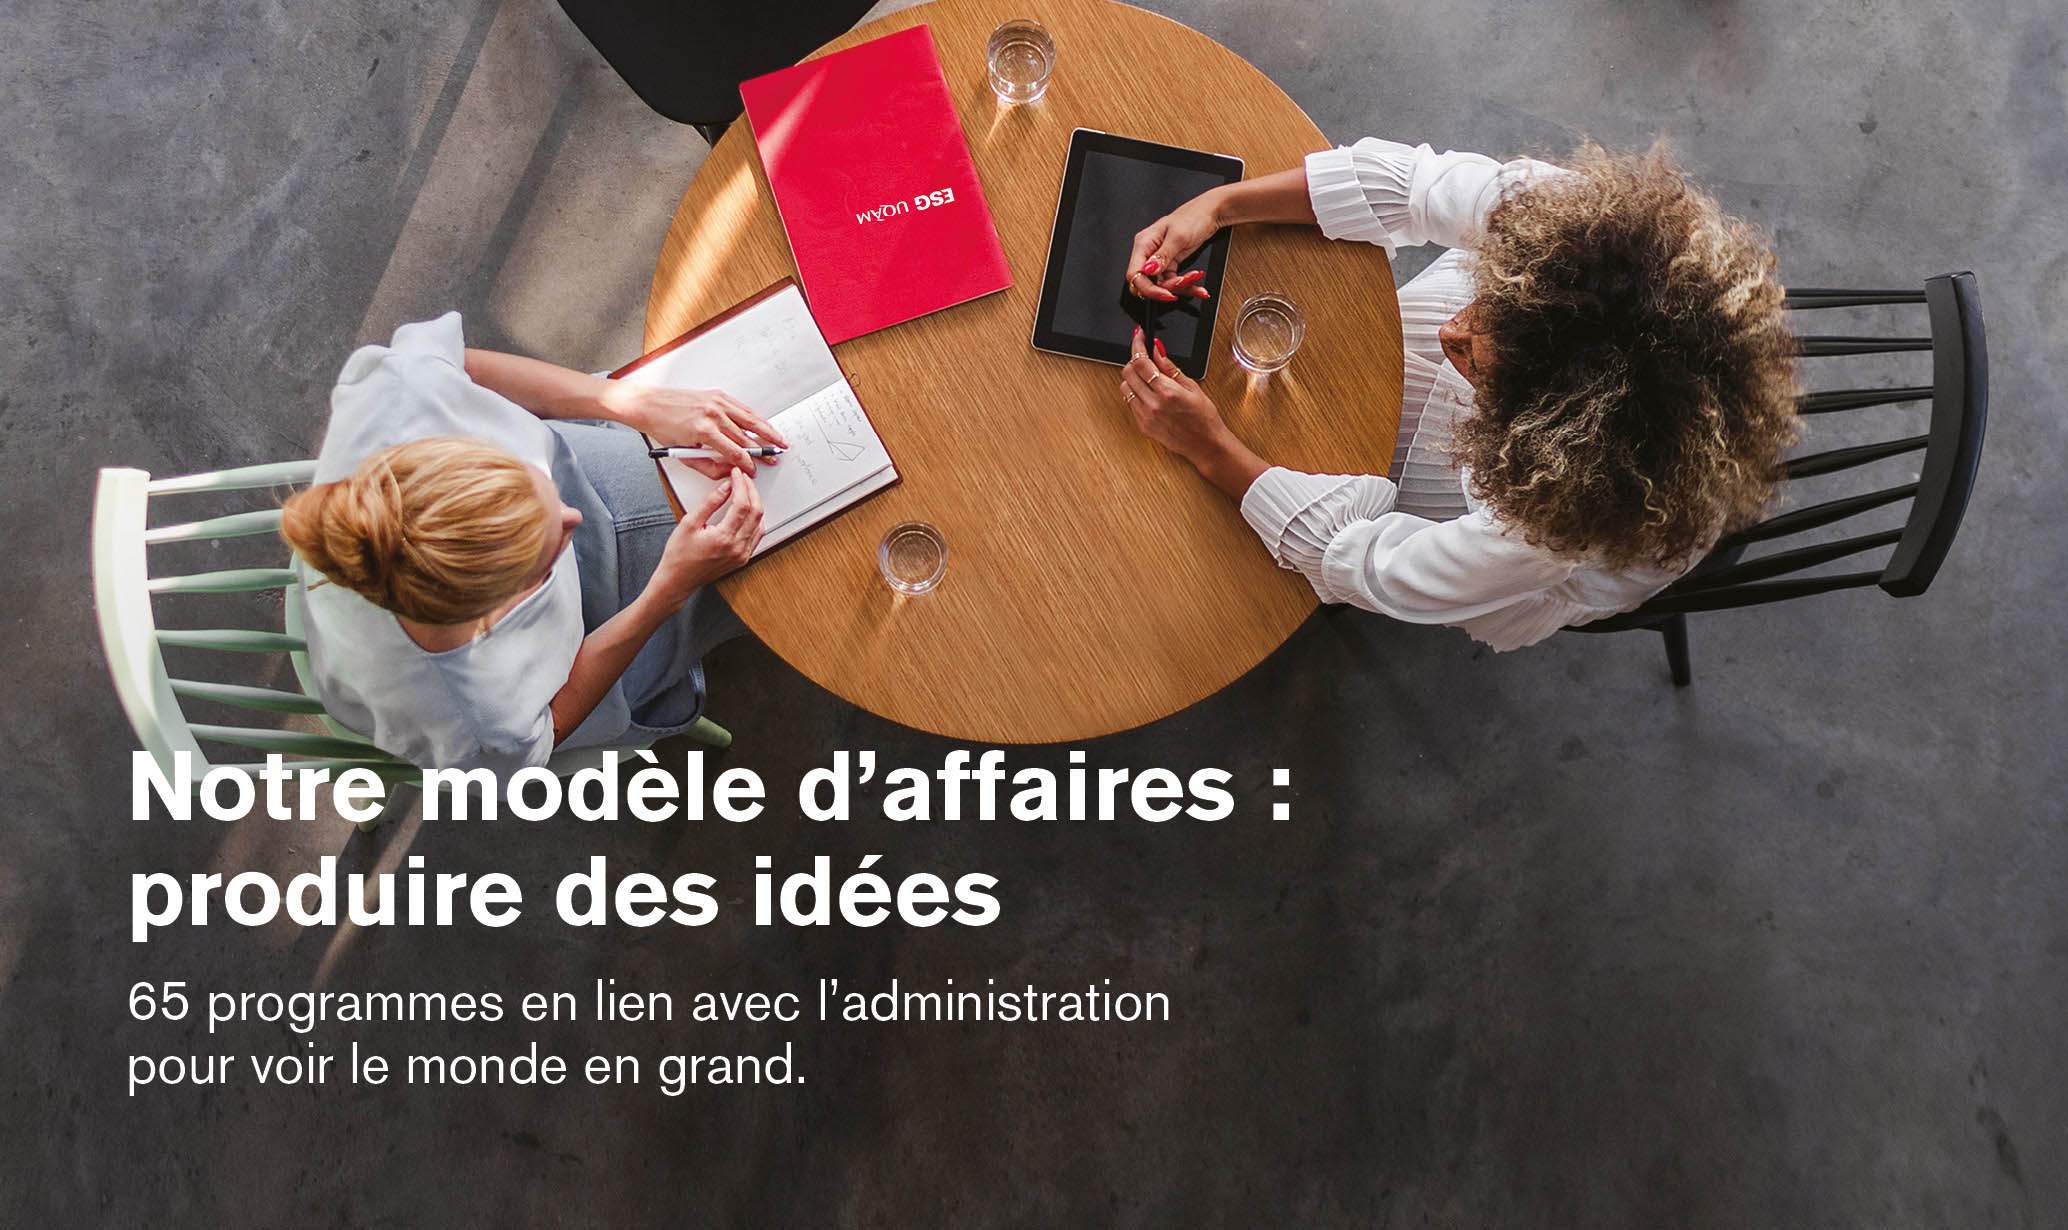 Notre modèle d'affaires: produire des idées   65 programmes en lien avec l'administration pour voir le monde en grand.